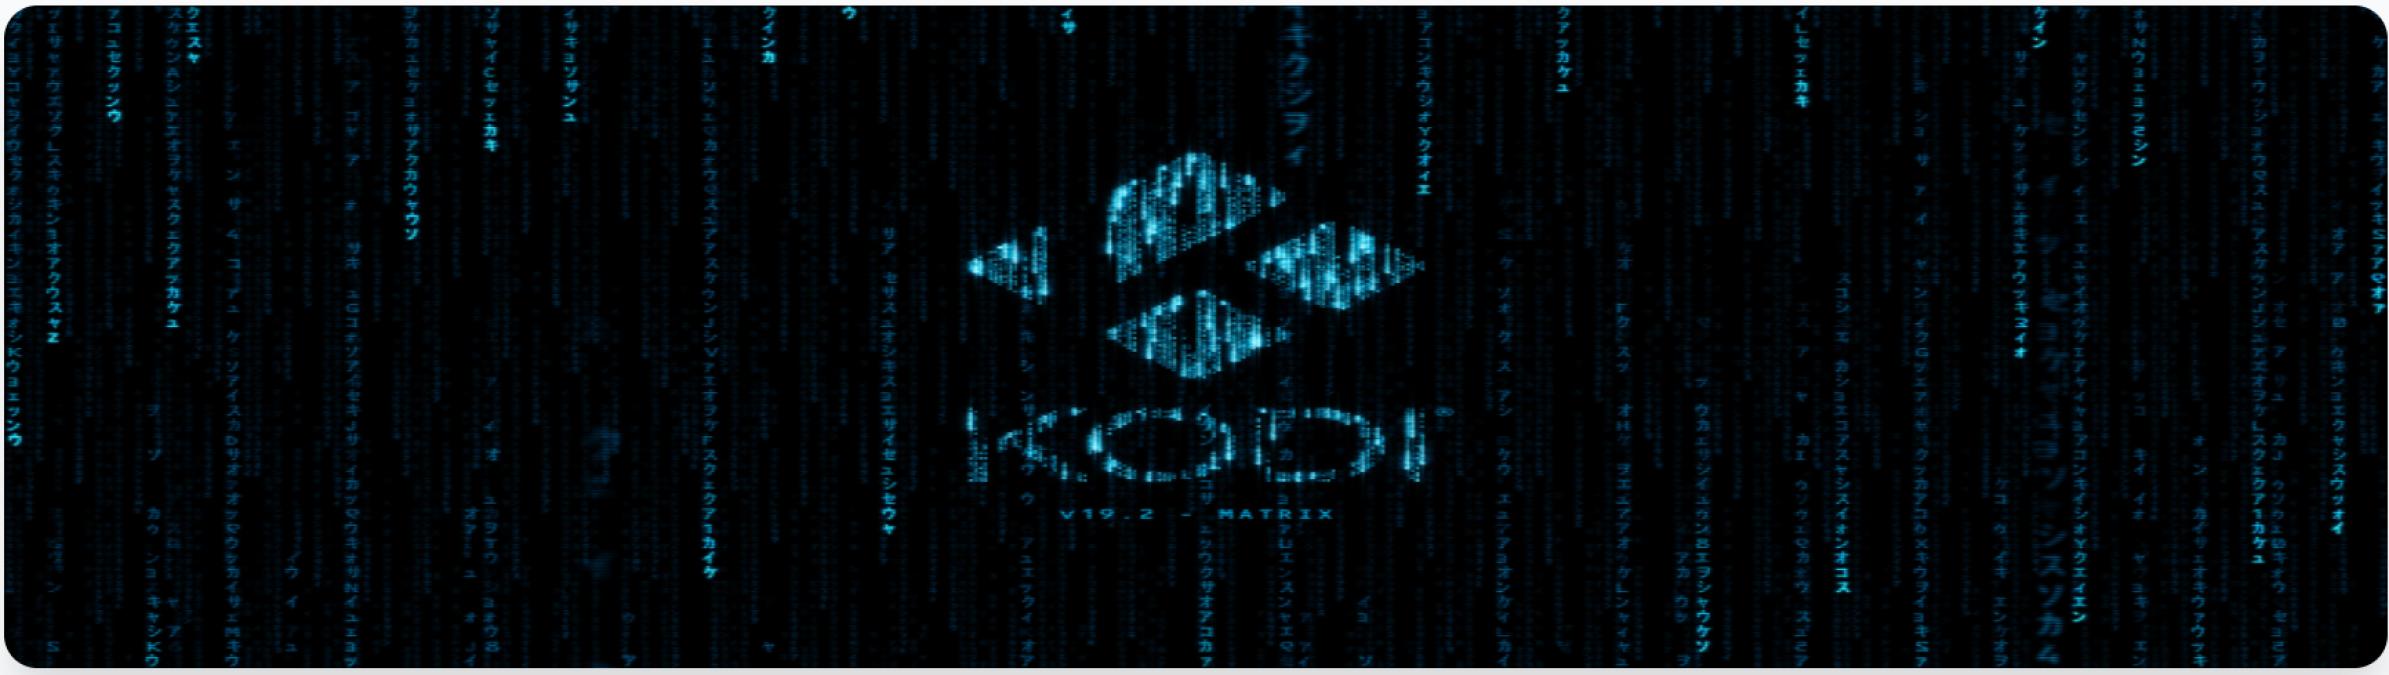 Kodi 19.3 já está disponível: vem como uma atualização de emergência para resolver problemas da versão anterior